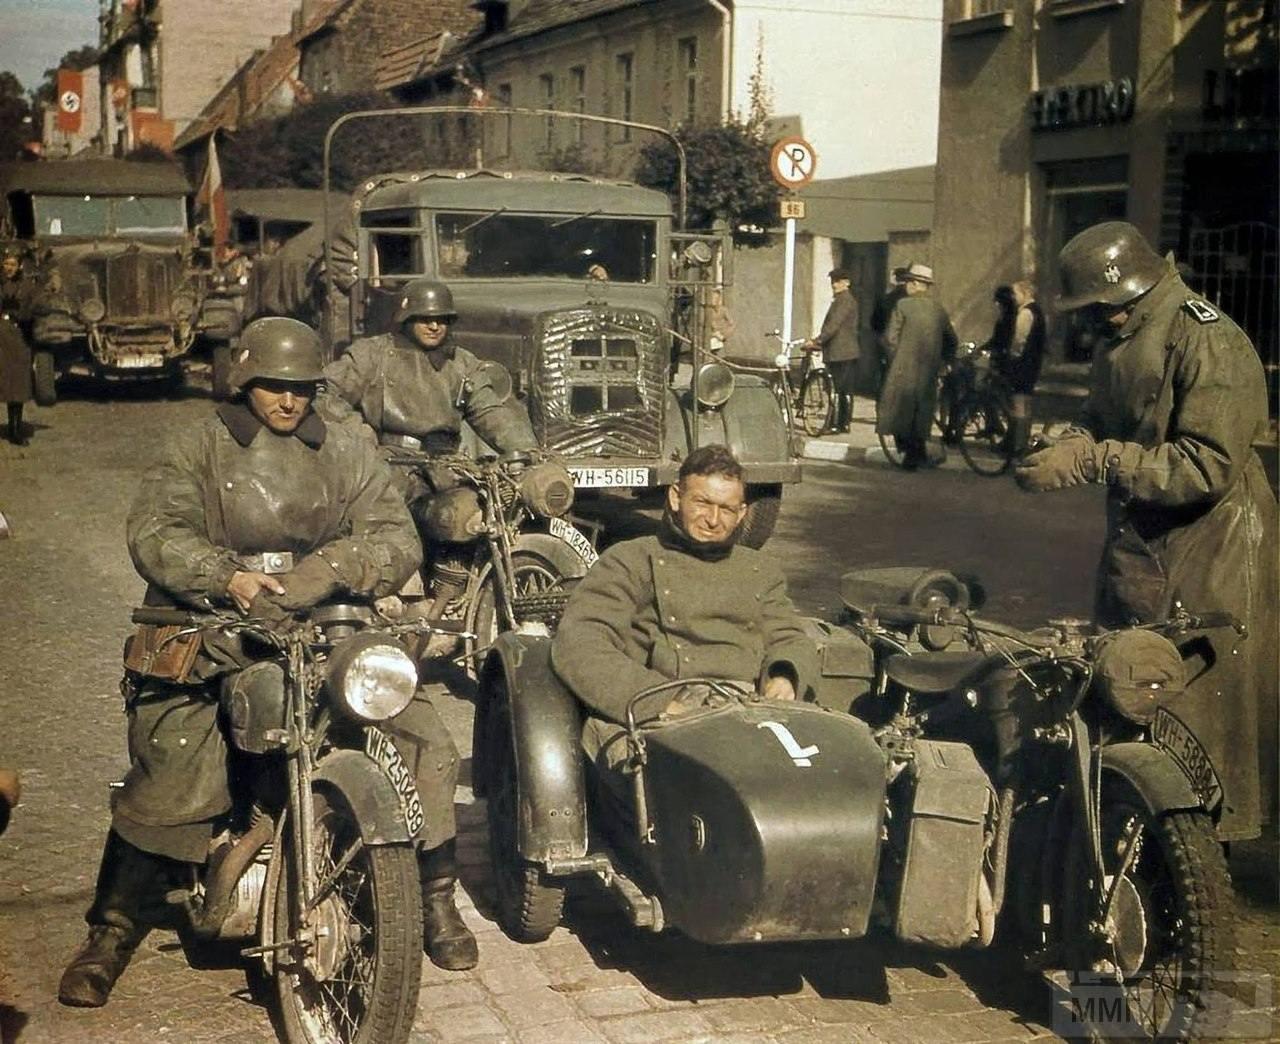 19331 - Военное фото 1939-1945 г.г. Западный фронт и Африка.